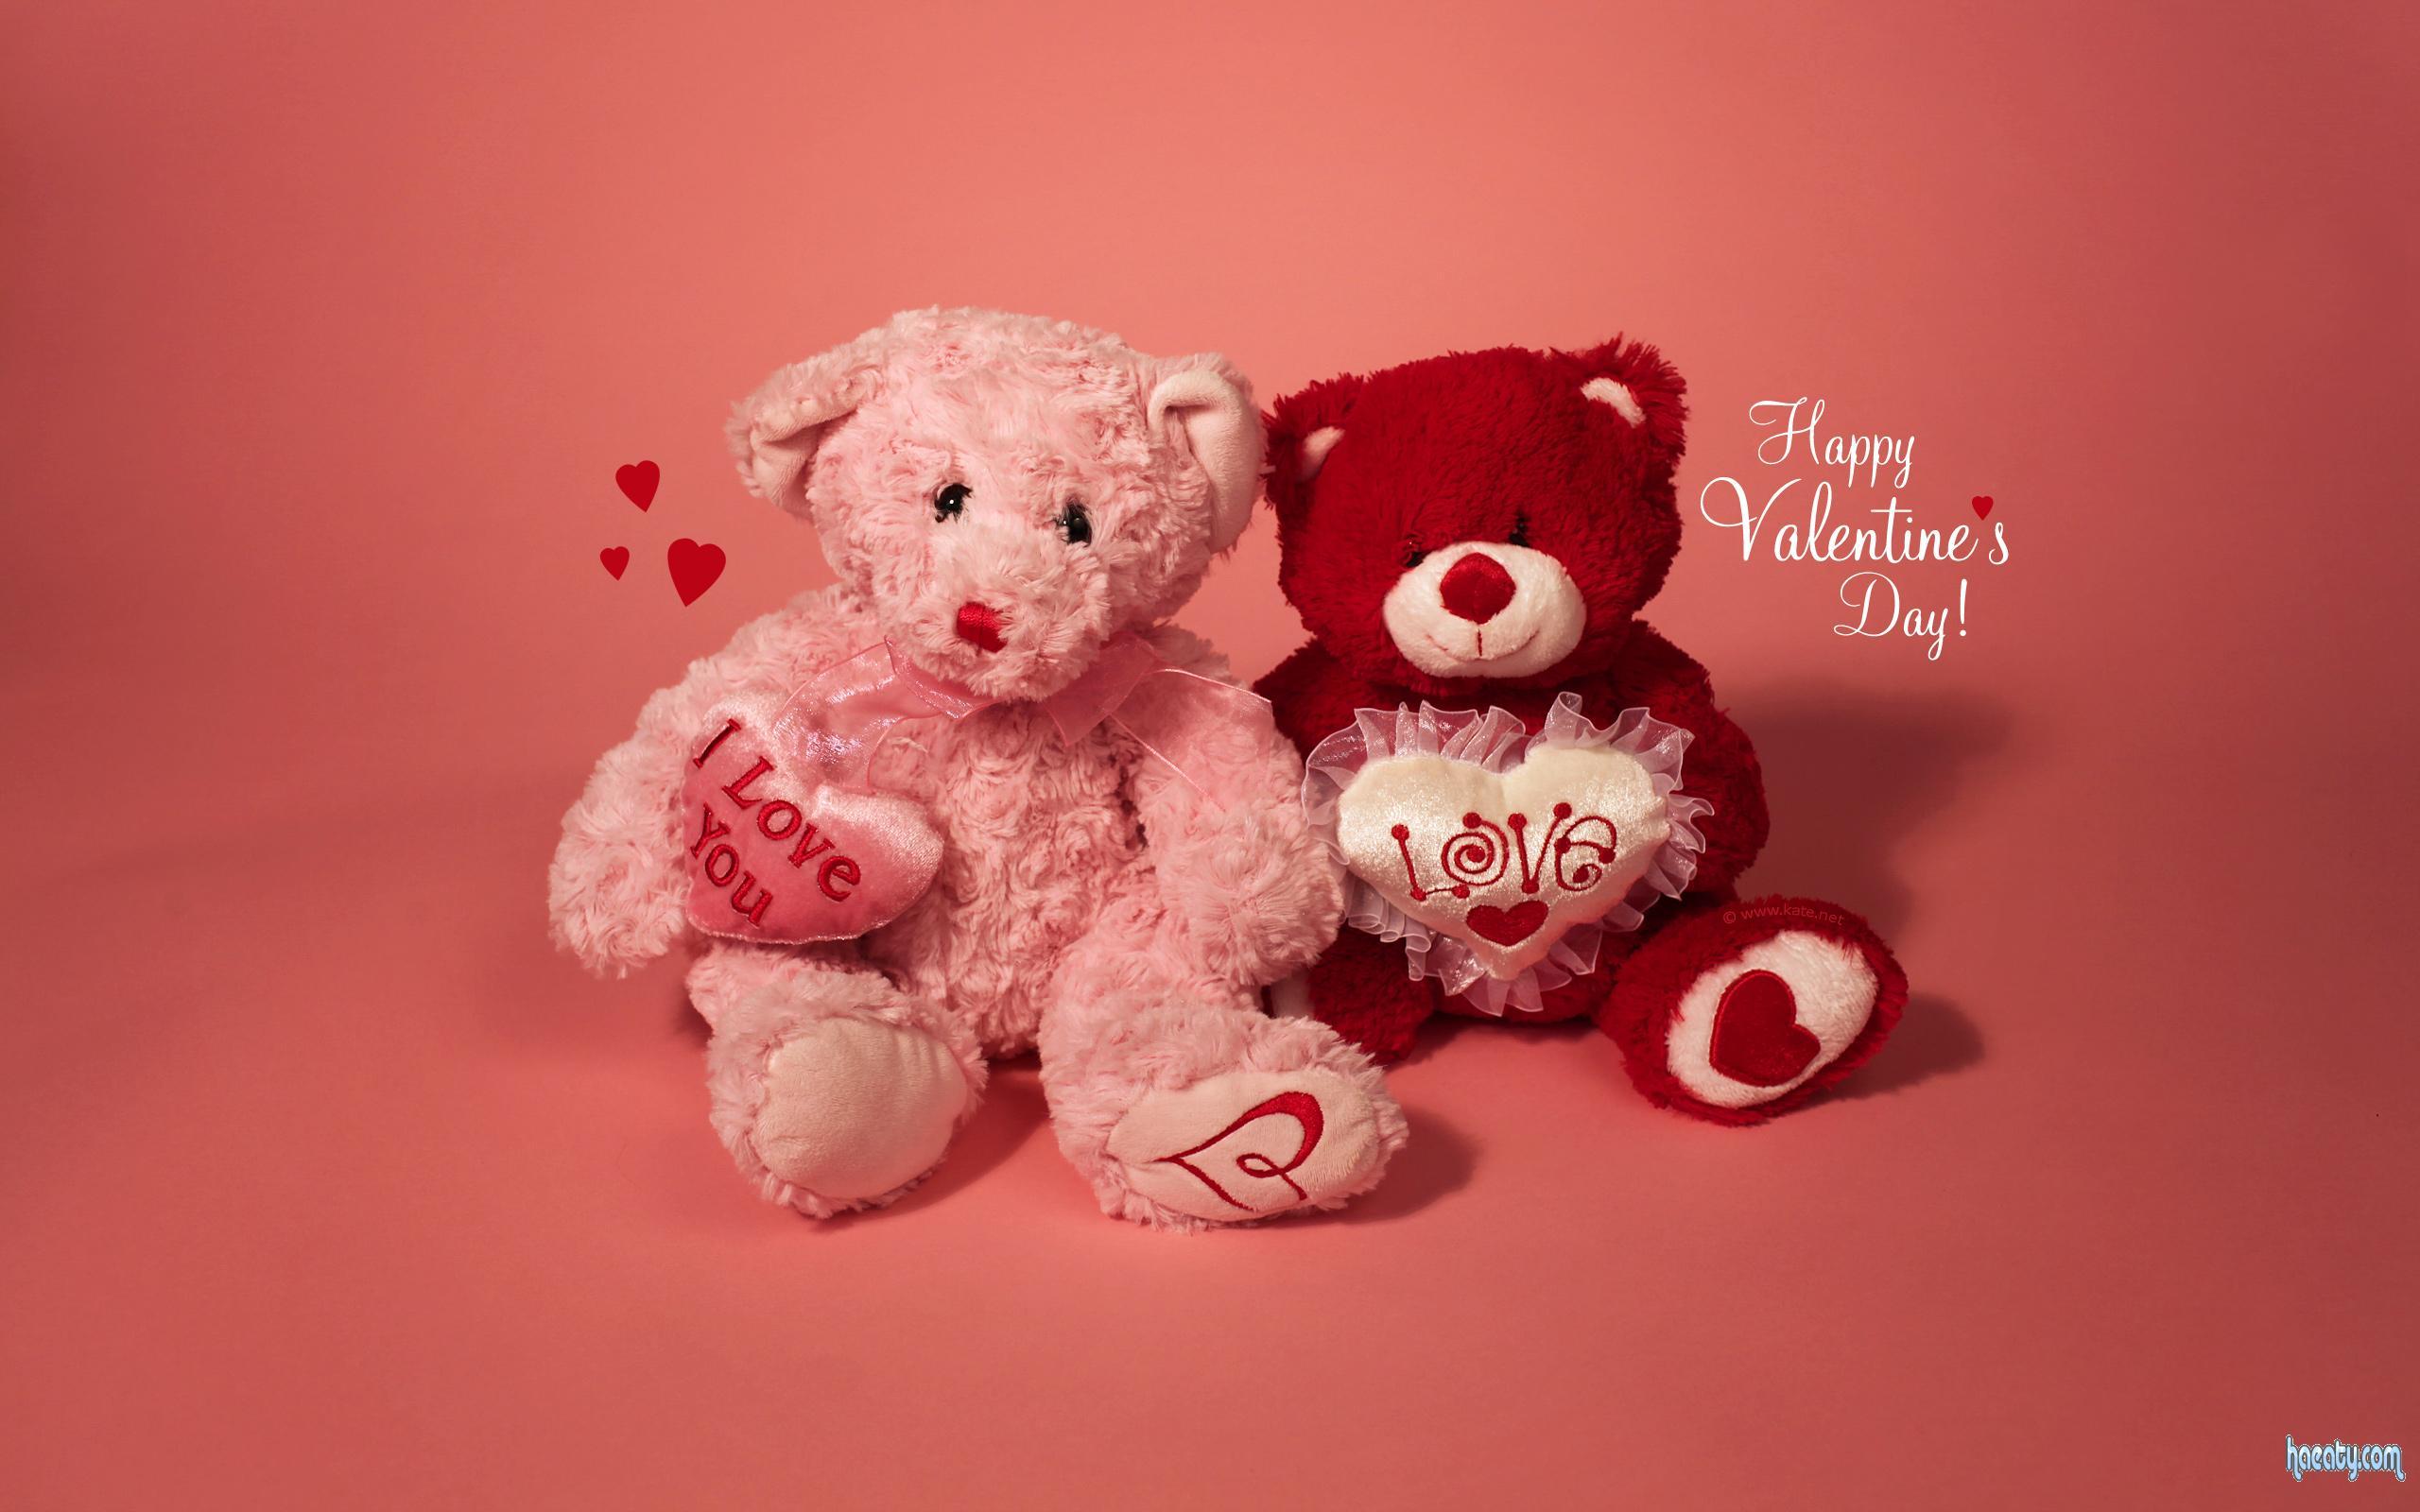 تحميل خلفيات الفلانتين داي2014-Download Happy Valentines Day Background wallpapers